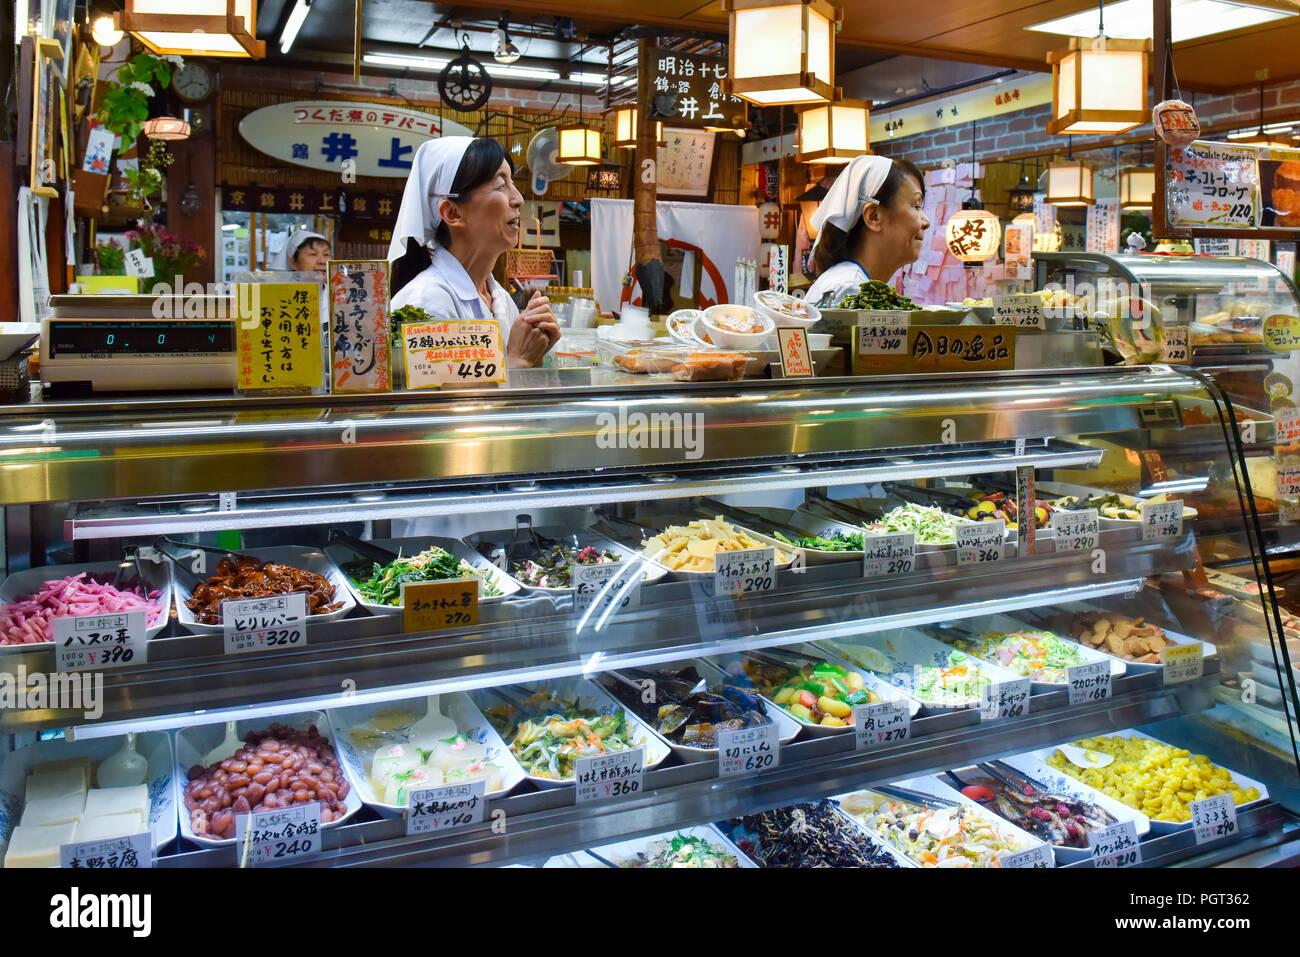 Nishiki Market, Kyoto - Stock Image